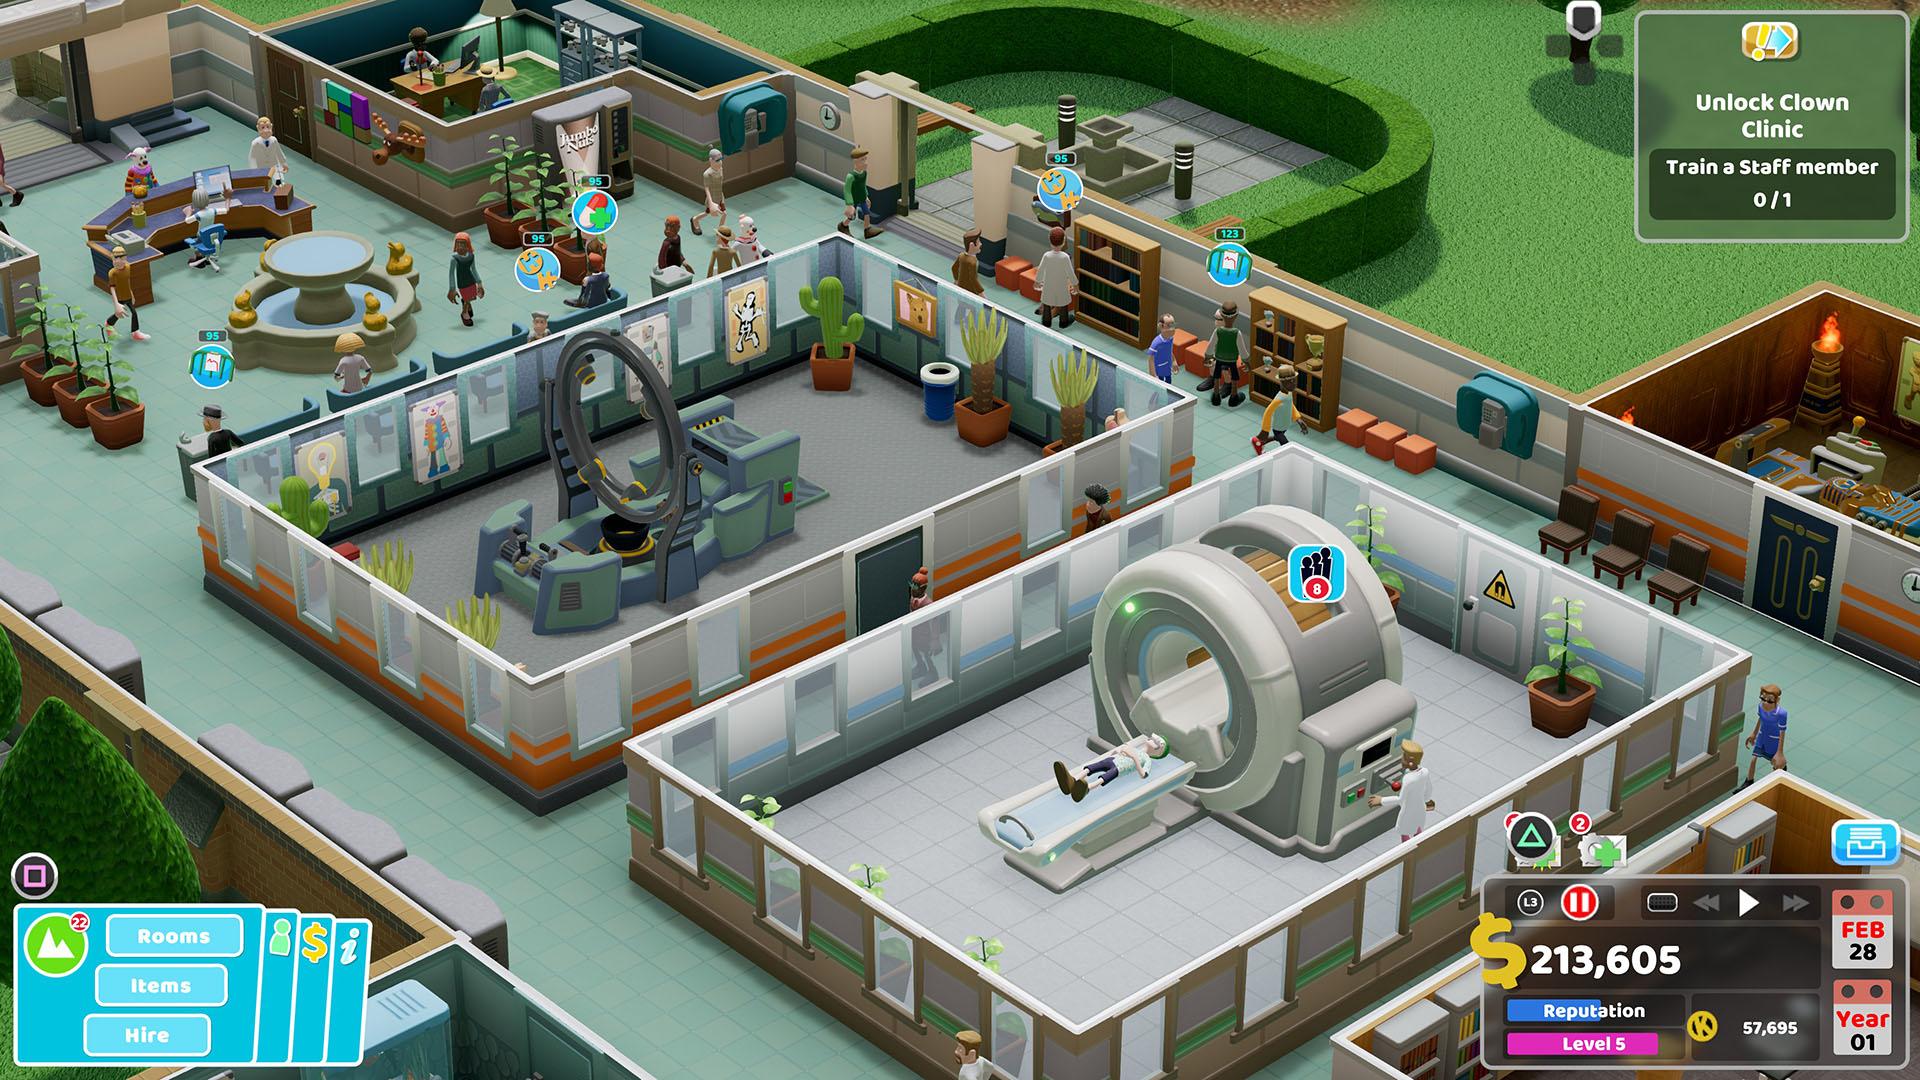 雙點醫院.Two Point Hospital | 游戲大桶 PS4游戲 最新PS4游戲. 中文 版下載.DLC.破解版游戲下載.百度網盤高速下載 ...